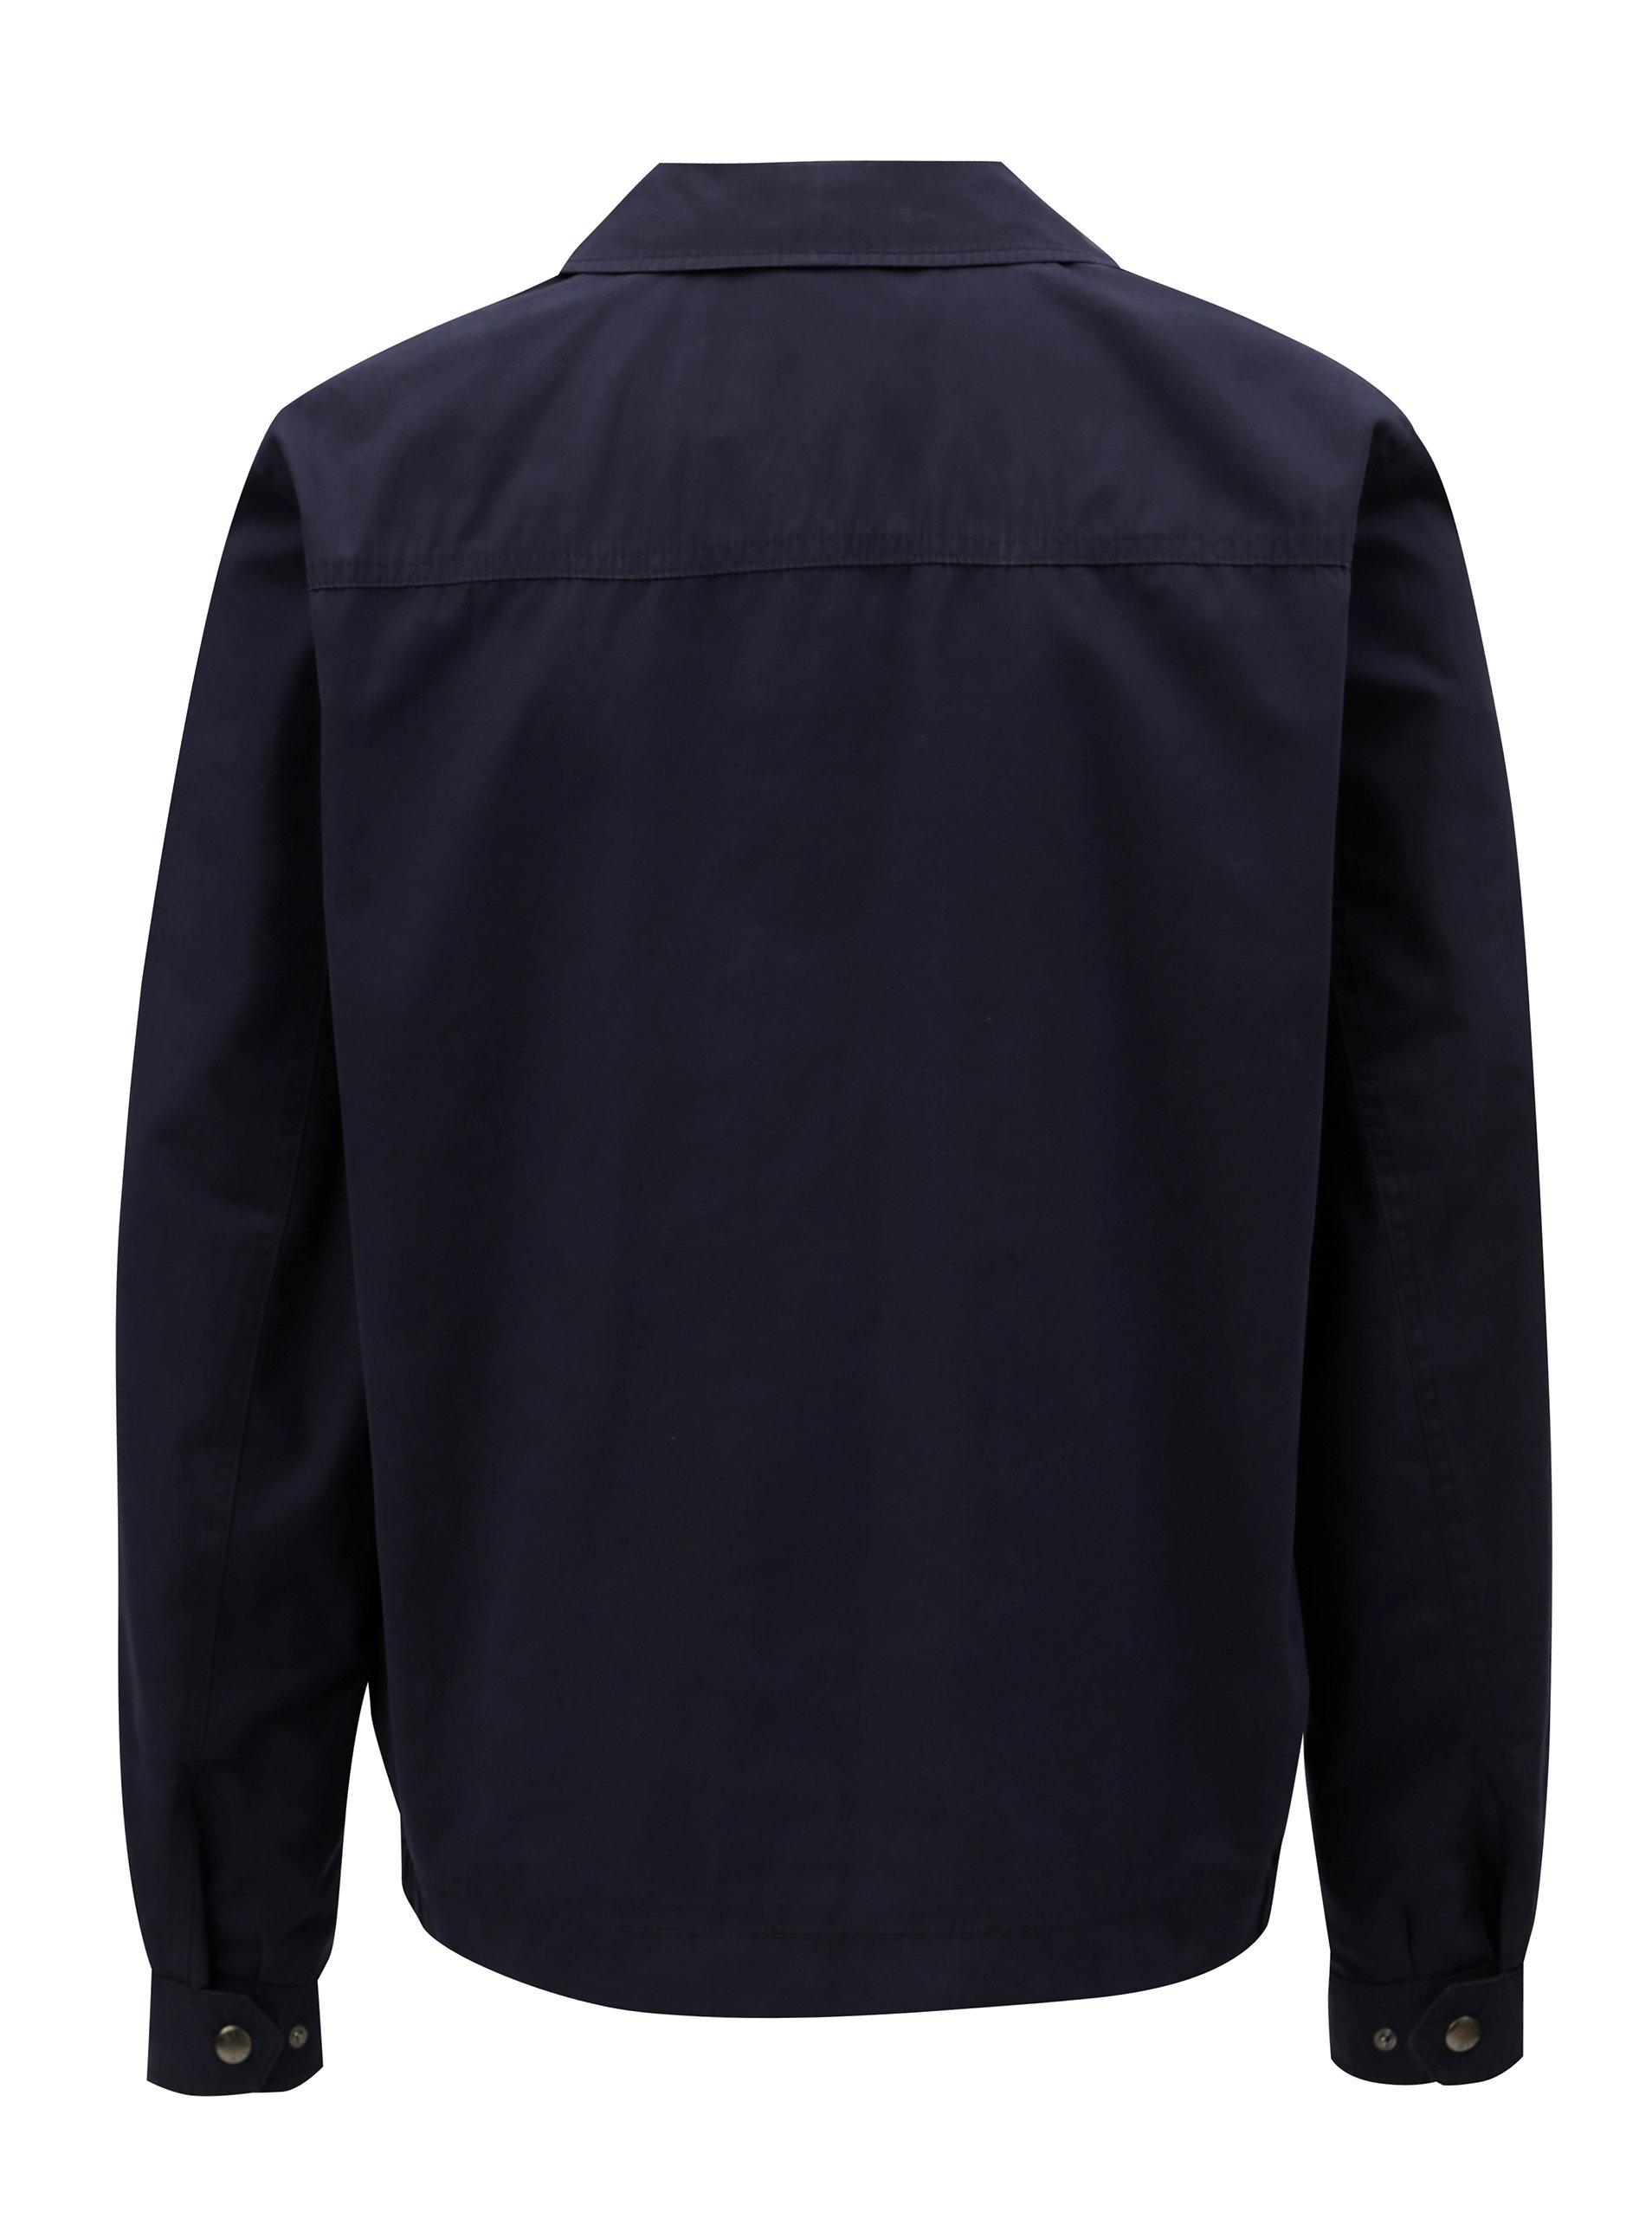 Tmavě modrá pánská bunda Tommy Hilfiger ... 0ab6e0adf32